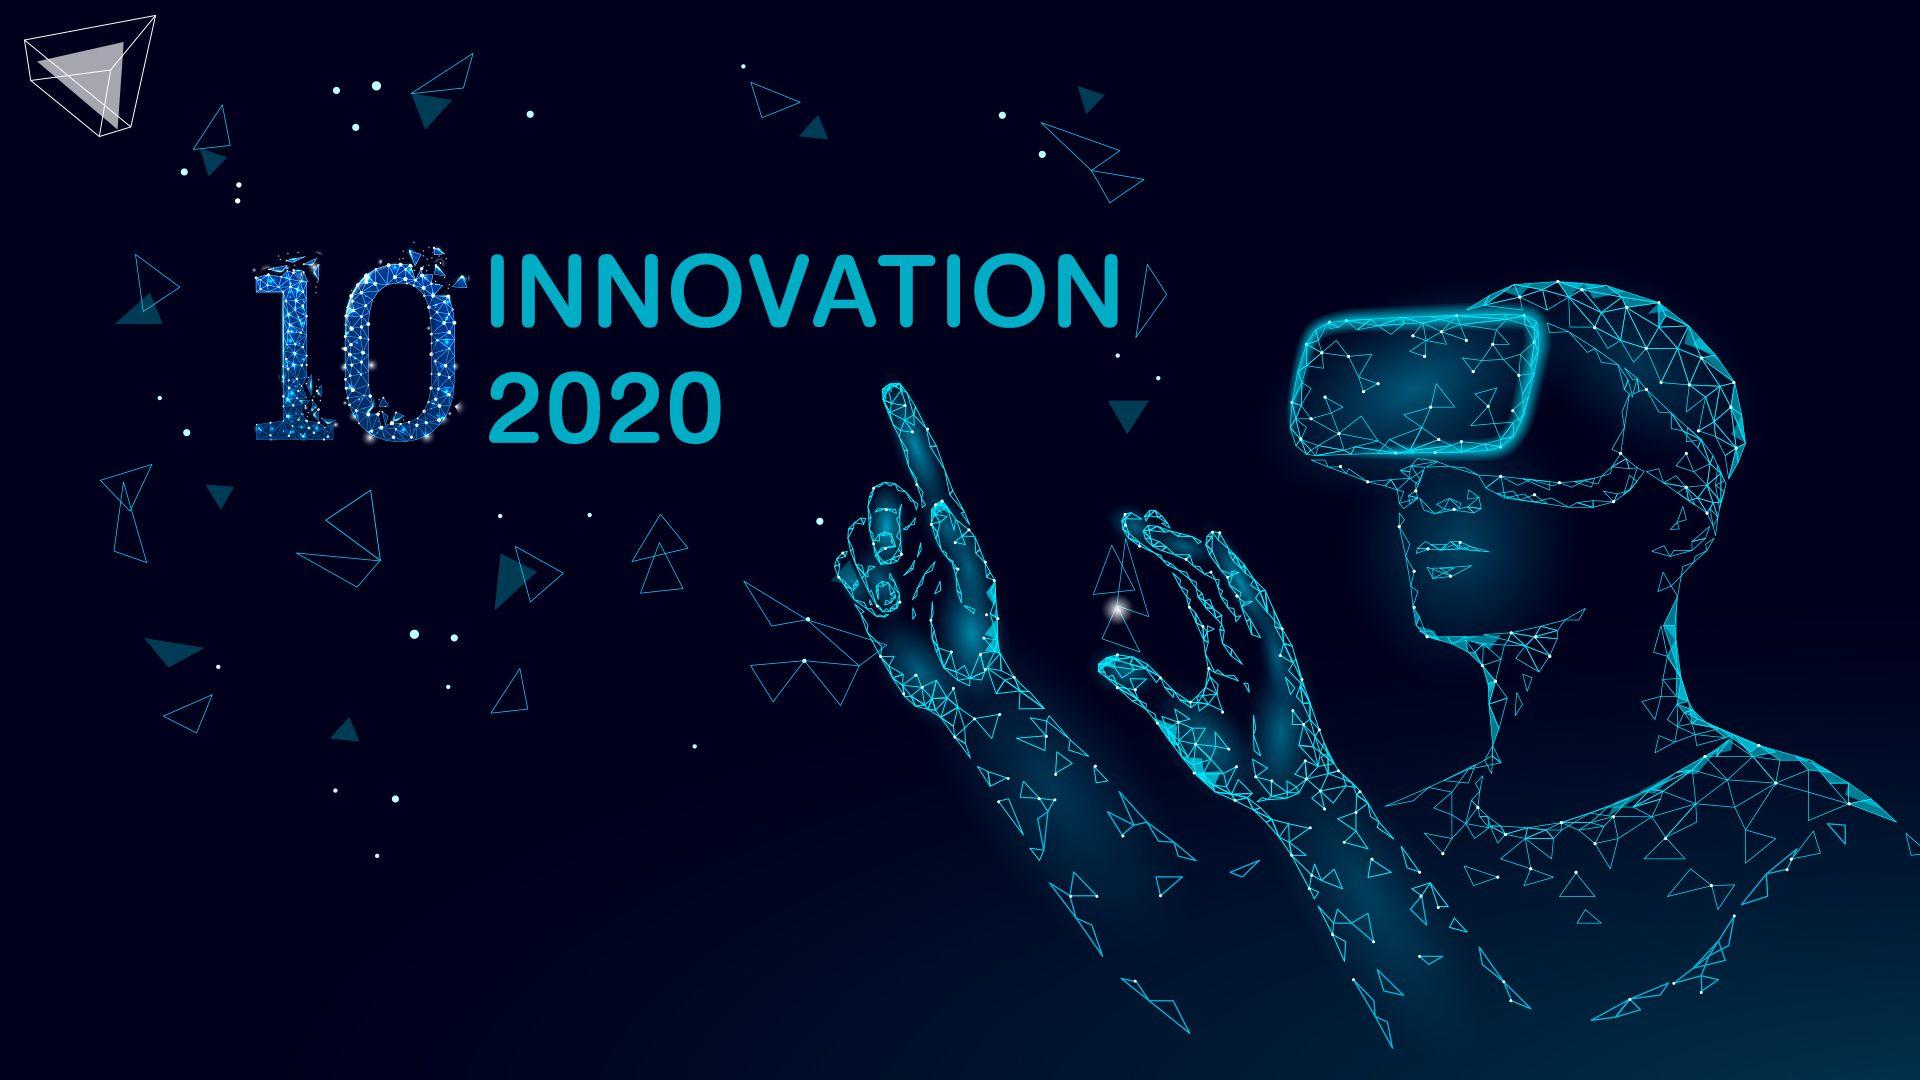 Innovation2020